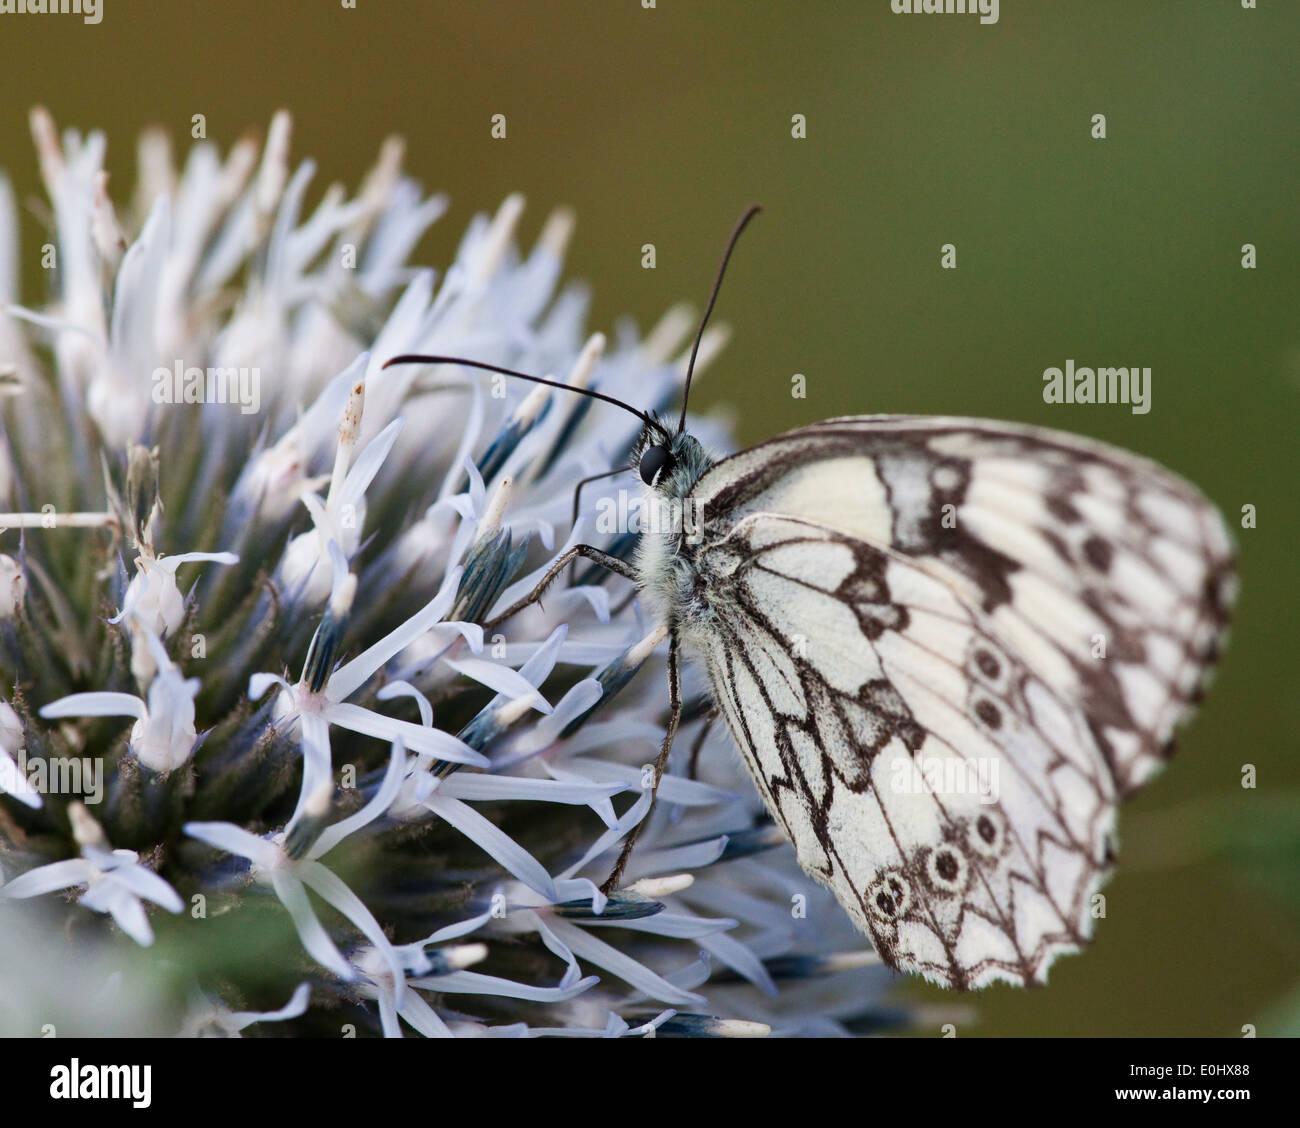 Schachbrett(Melanargia galathea), Blaudistel (Eryngium alpinum) - Marbled White (Melanargia galathea), Alpine Sea Holly - Stock Image